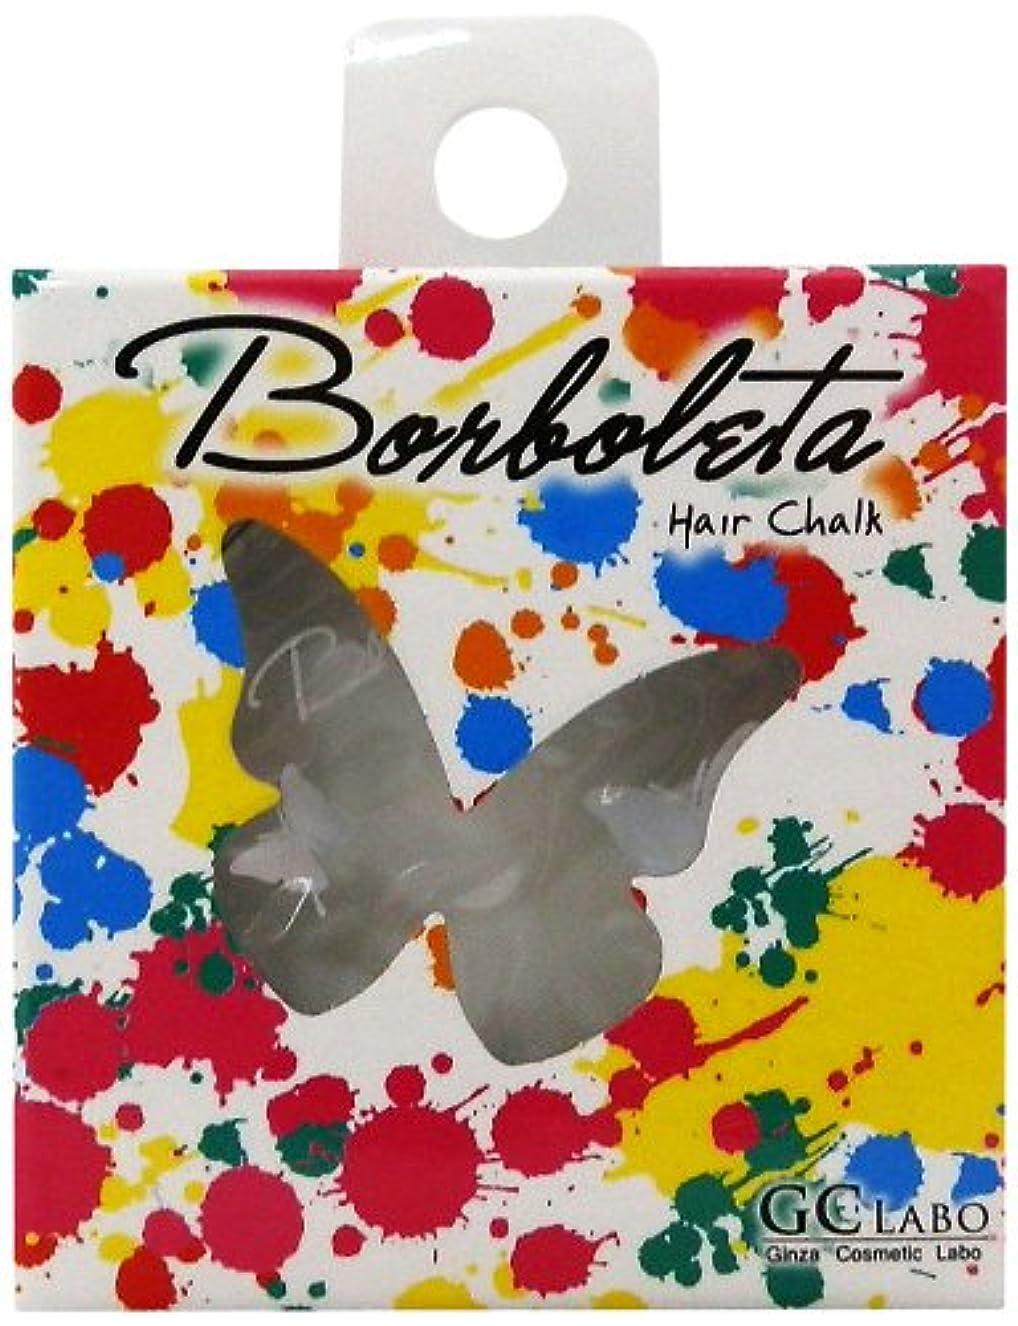 ぶら下がる真剣にモーションBorBoLeta(ボルボレッタ)ヘアカラーチョーク ホワイト